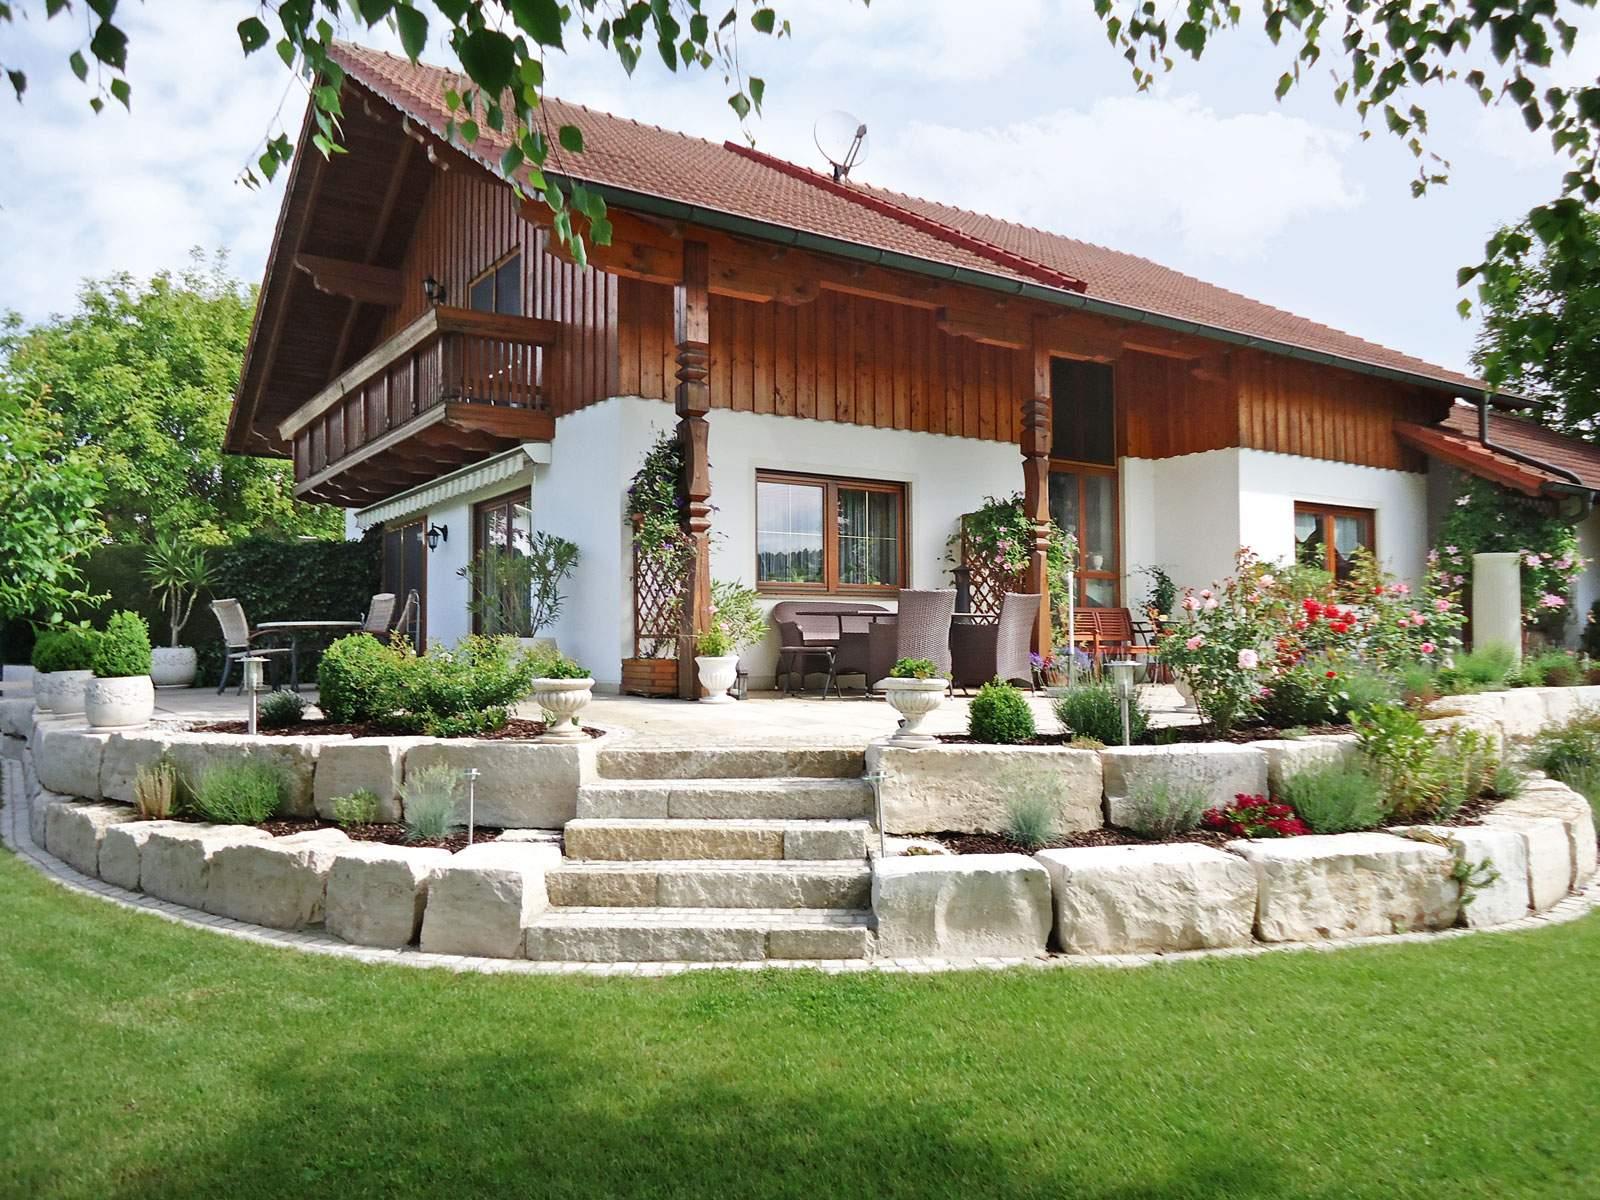 schon terrassen treppen in den garten inspiration treppen und wege bruckmeier garten und landschaftsbau of terrassen treppen in den garten